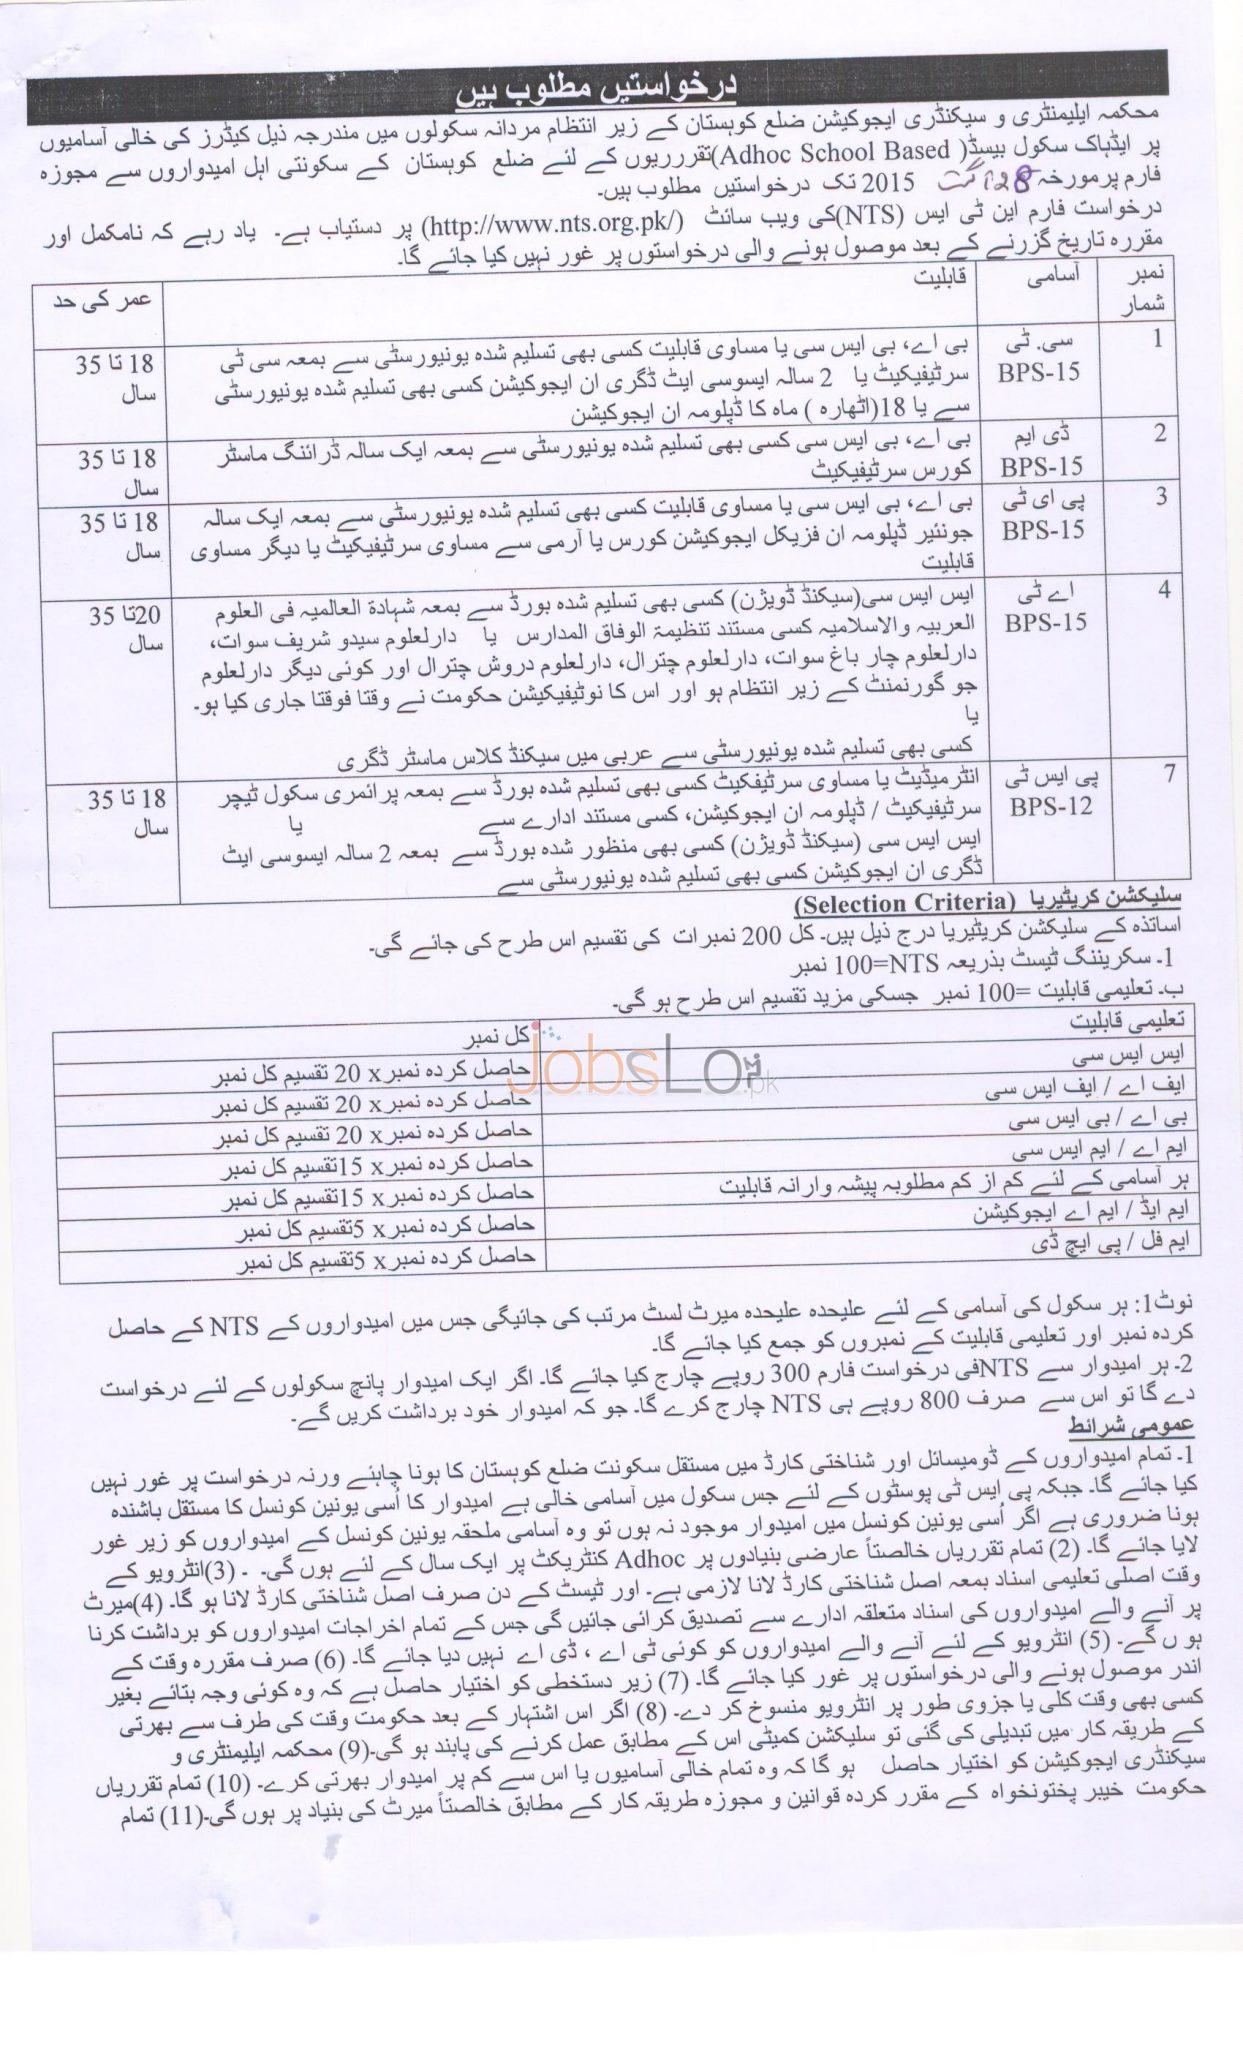 KPK Elementary & Secondary Education Kohistan Jobs